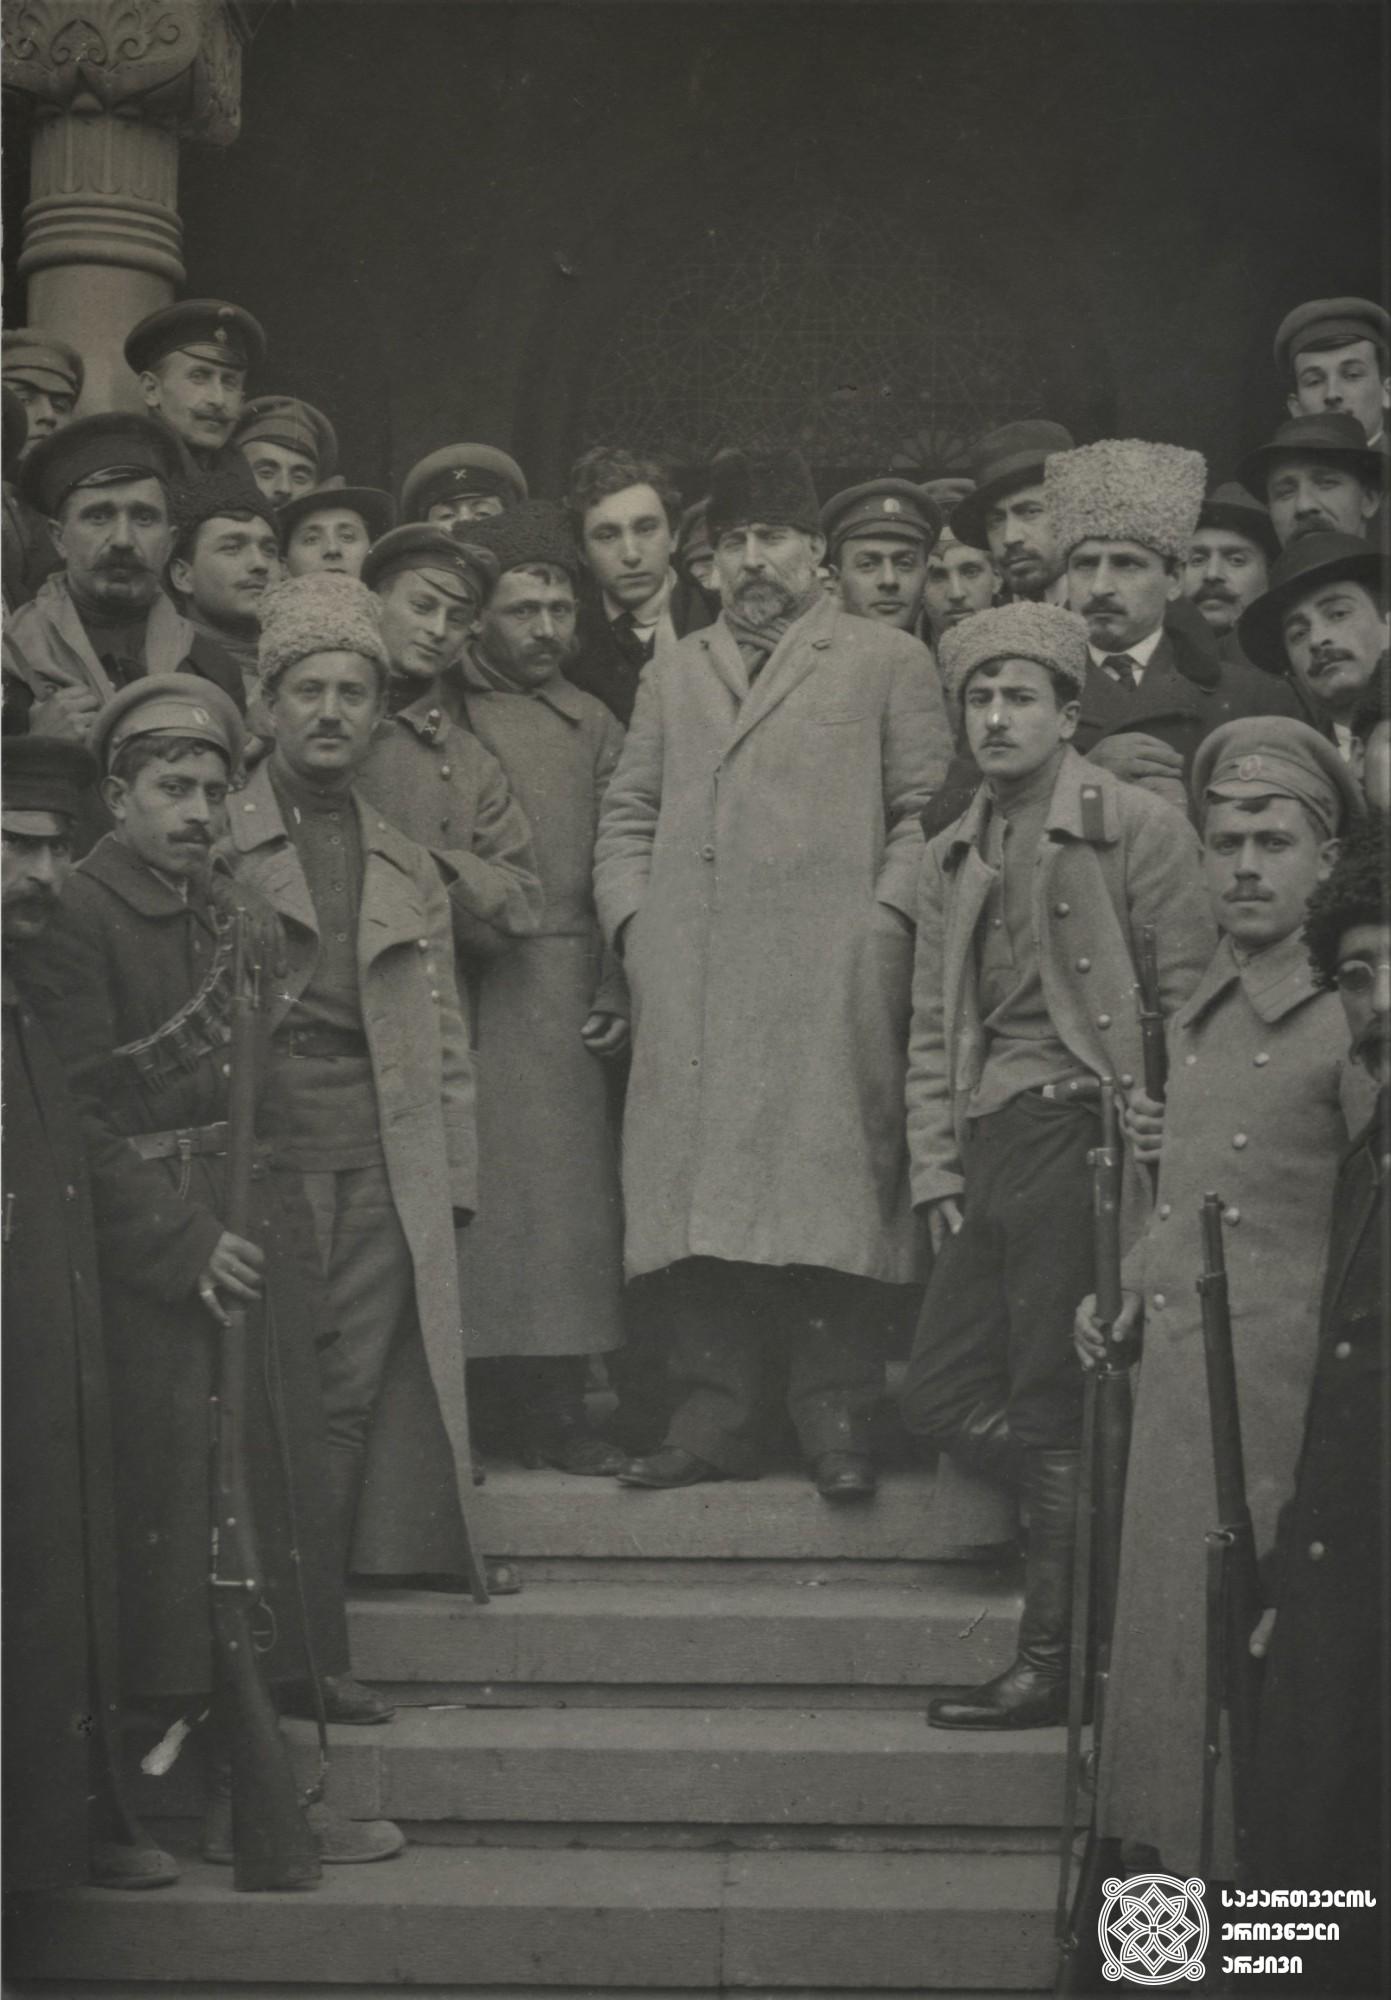 ამიერკავკასიის სეიმის თავმჯდომარე ნიკოლოზ (კარლო) ჩხეიძე  (ცენტრში) გვარდიელებთან ერთად. <br> Head of the Transcaucasian Sejm Nikoloz (Karlo) Chkheidze (in the center) together with the guardsmen.